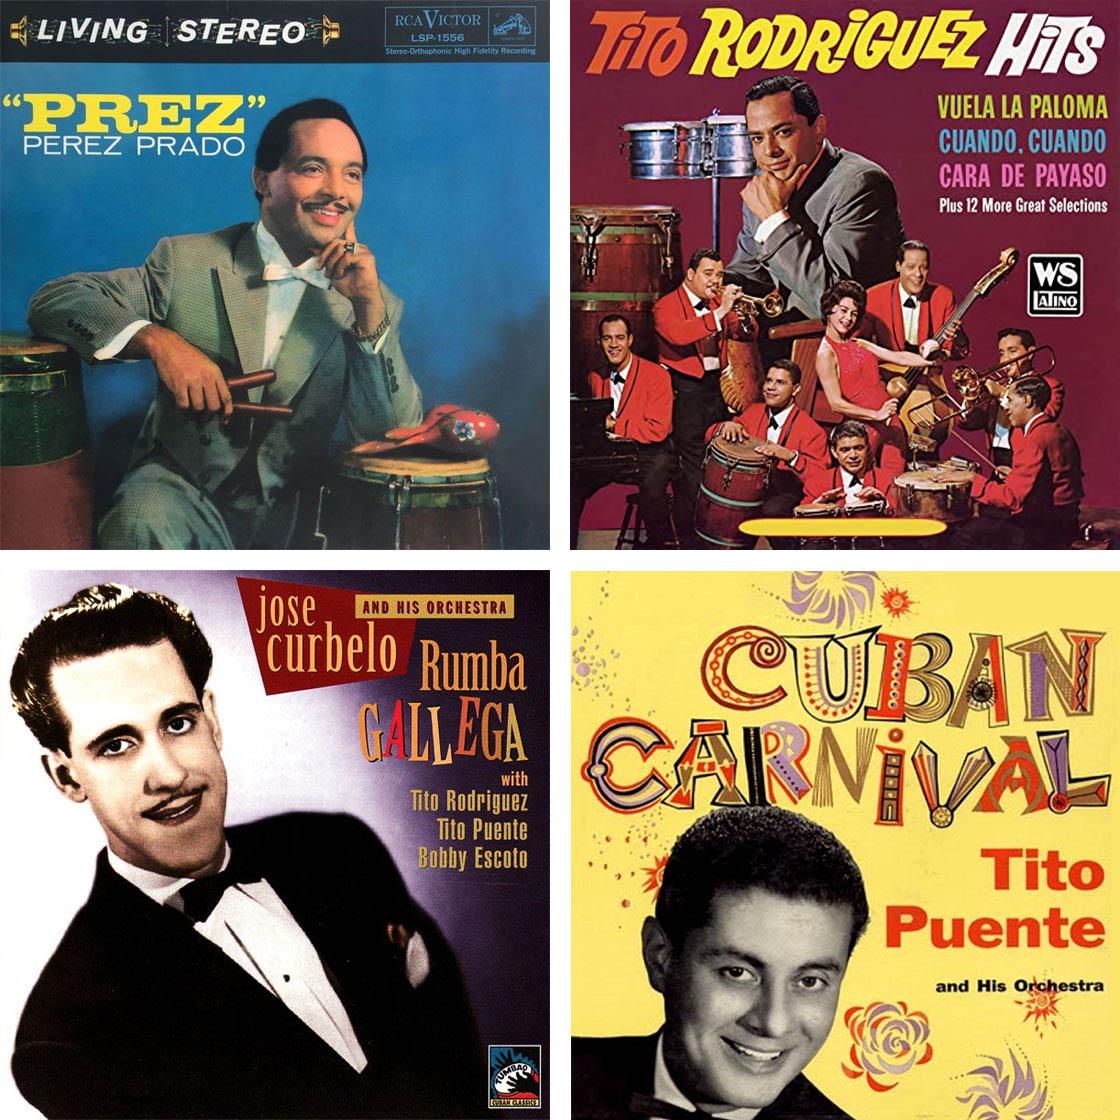 Pérez Prado, Tito Rodríguez, José Curbelo, Tito Puente